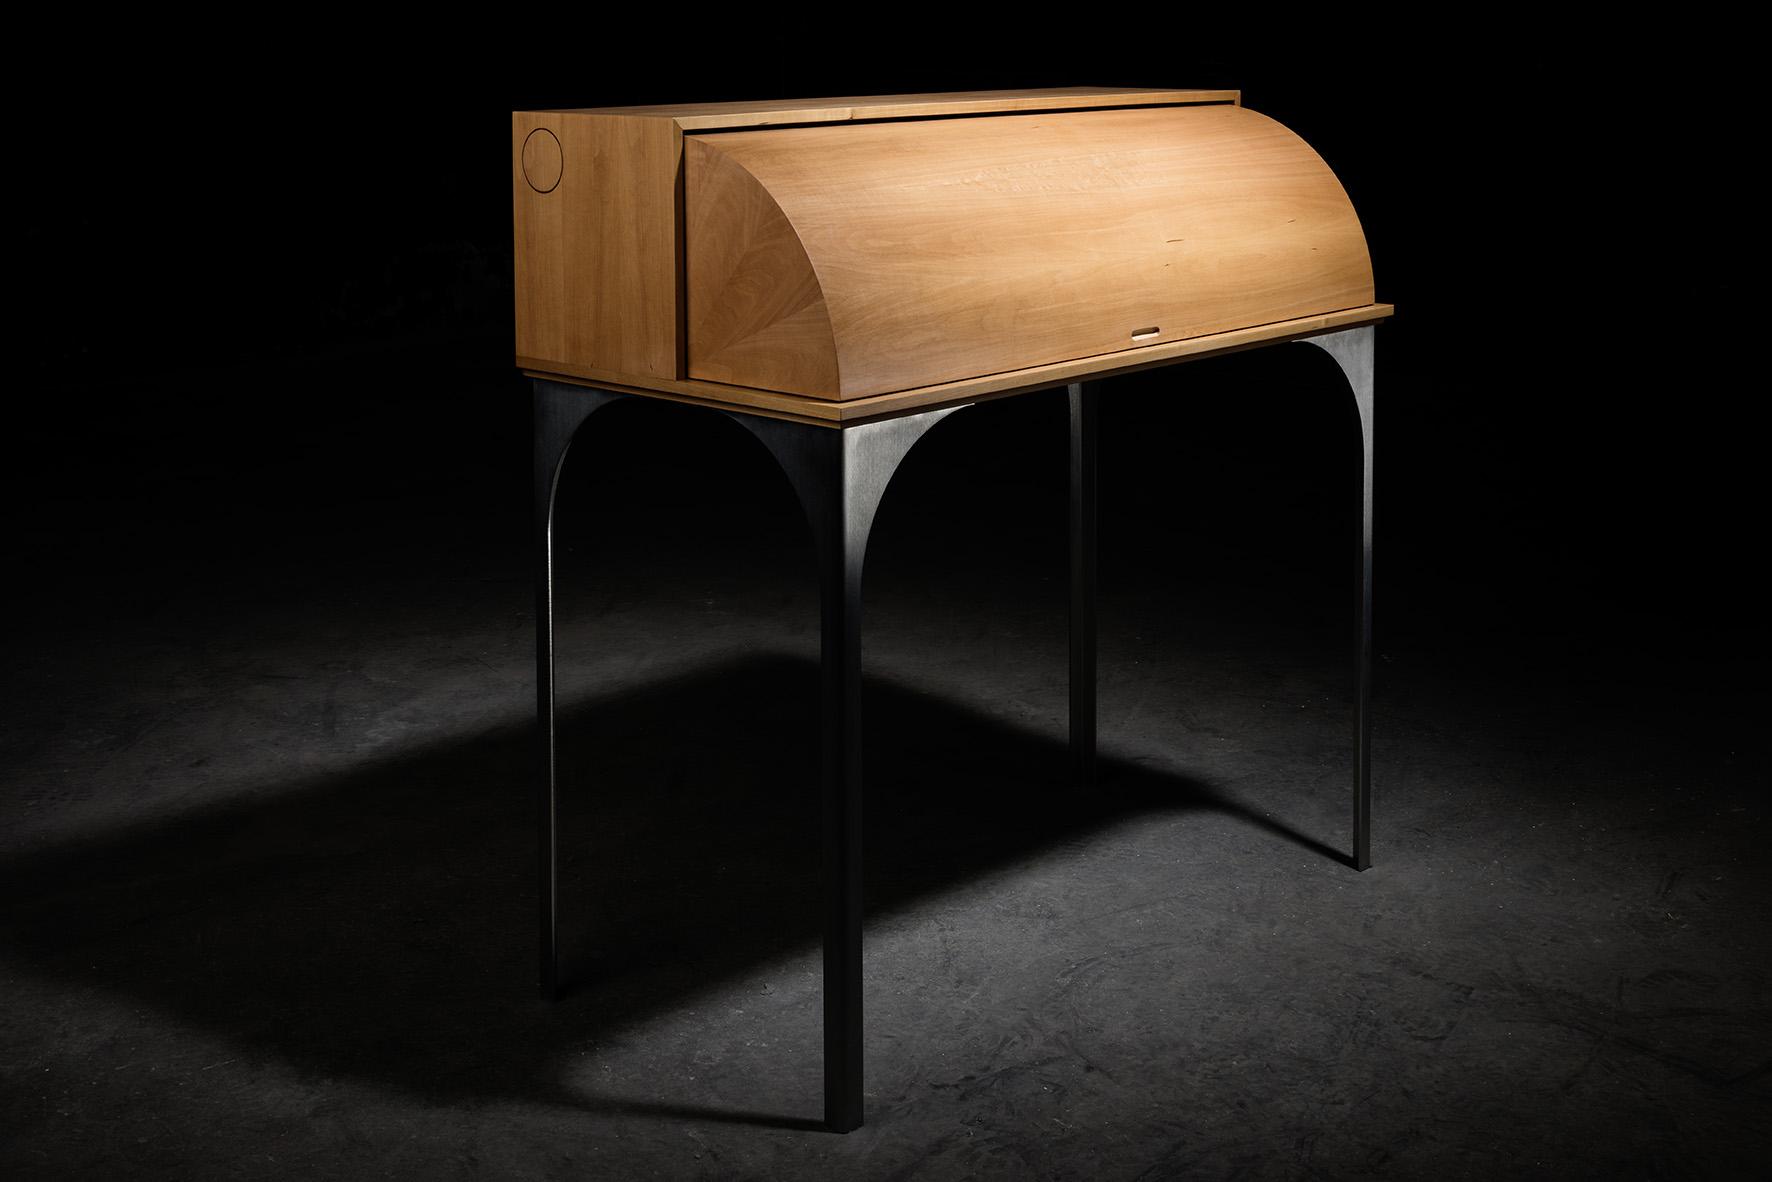 mk m bel ma gefertigte m belst cke aus heidelberg. Black Bedroom Furniture Sets. Home Design Ideas